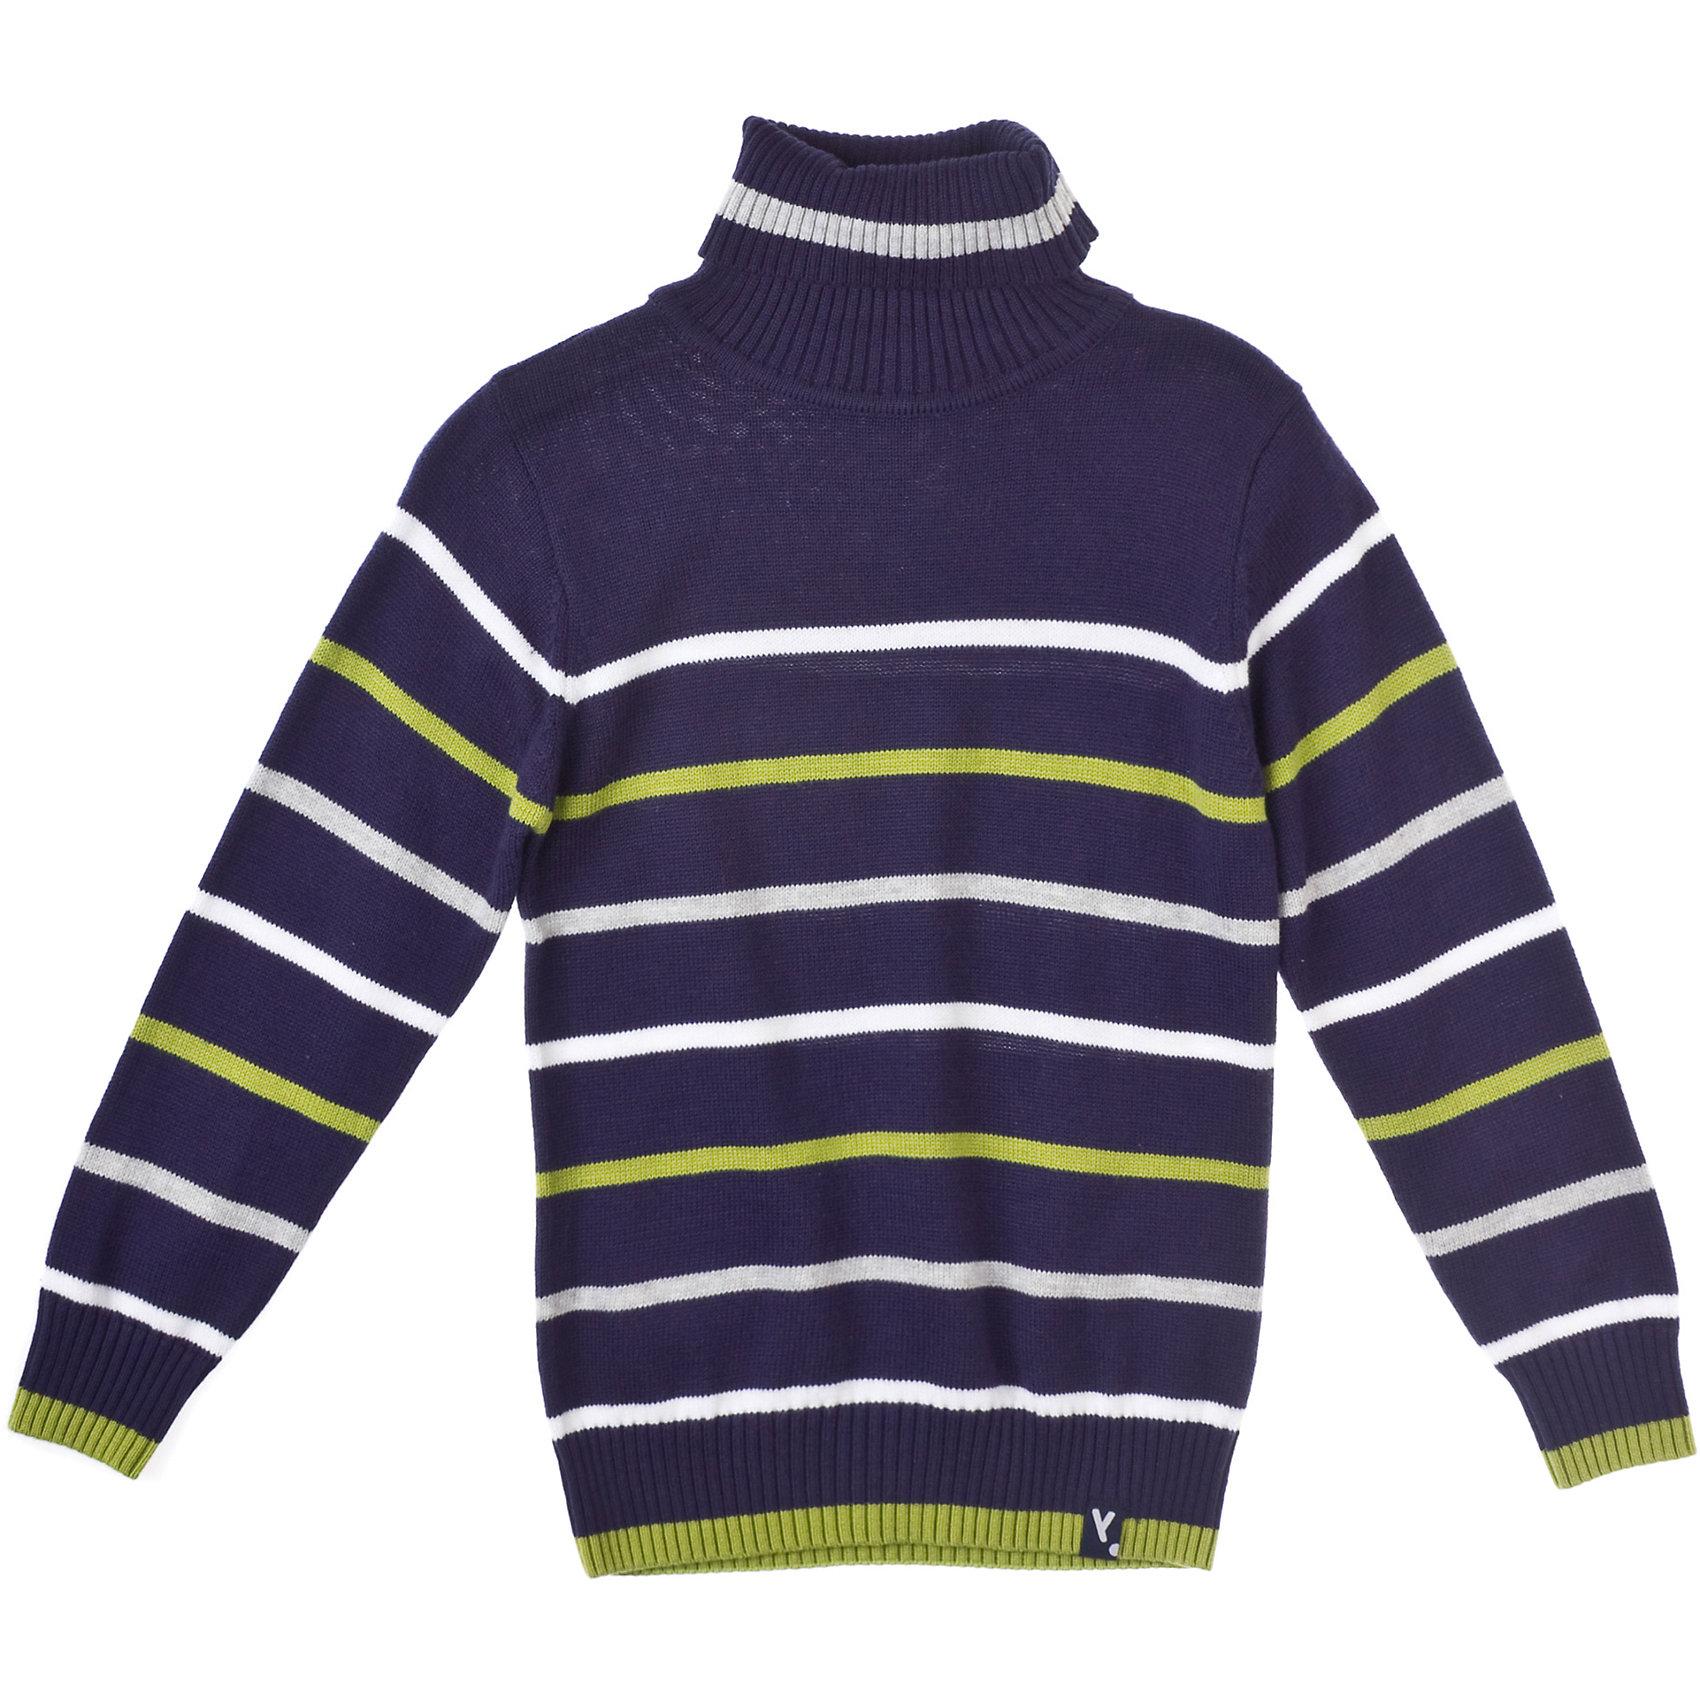 Свитер для мальчика PlayTodayДжемпер для мальчика PlayToday Классический джемпер в полоску для повседневной носки. Высокий отложной воротник из трикотажной резинки. Состав: 80% хлопок, 18% нейлон, 2% эластан<br><br>Ширина мм: 190<br>Глубина мм: 74<br>Высота мм: 229<br>Вес г: 236<br>Цвет: полуночно-синий<br>Возраст от месяцев: 24<br>Возраст до месяцев: 36<br>Пол: Мужской<br>Возраст: Детский<br>Размер: 98,122,104,128,116,110<br>SKU: 4227671